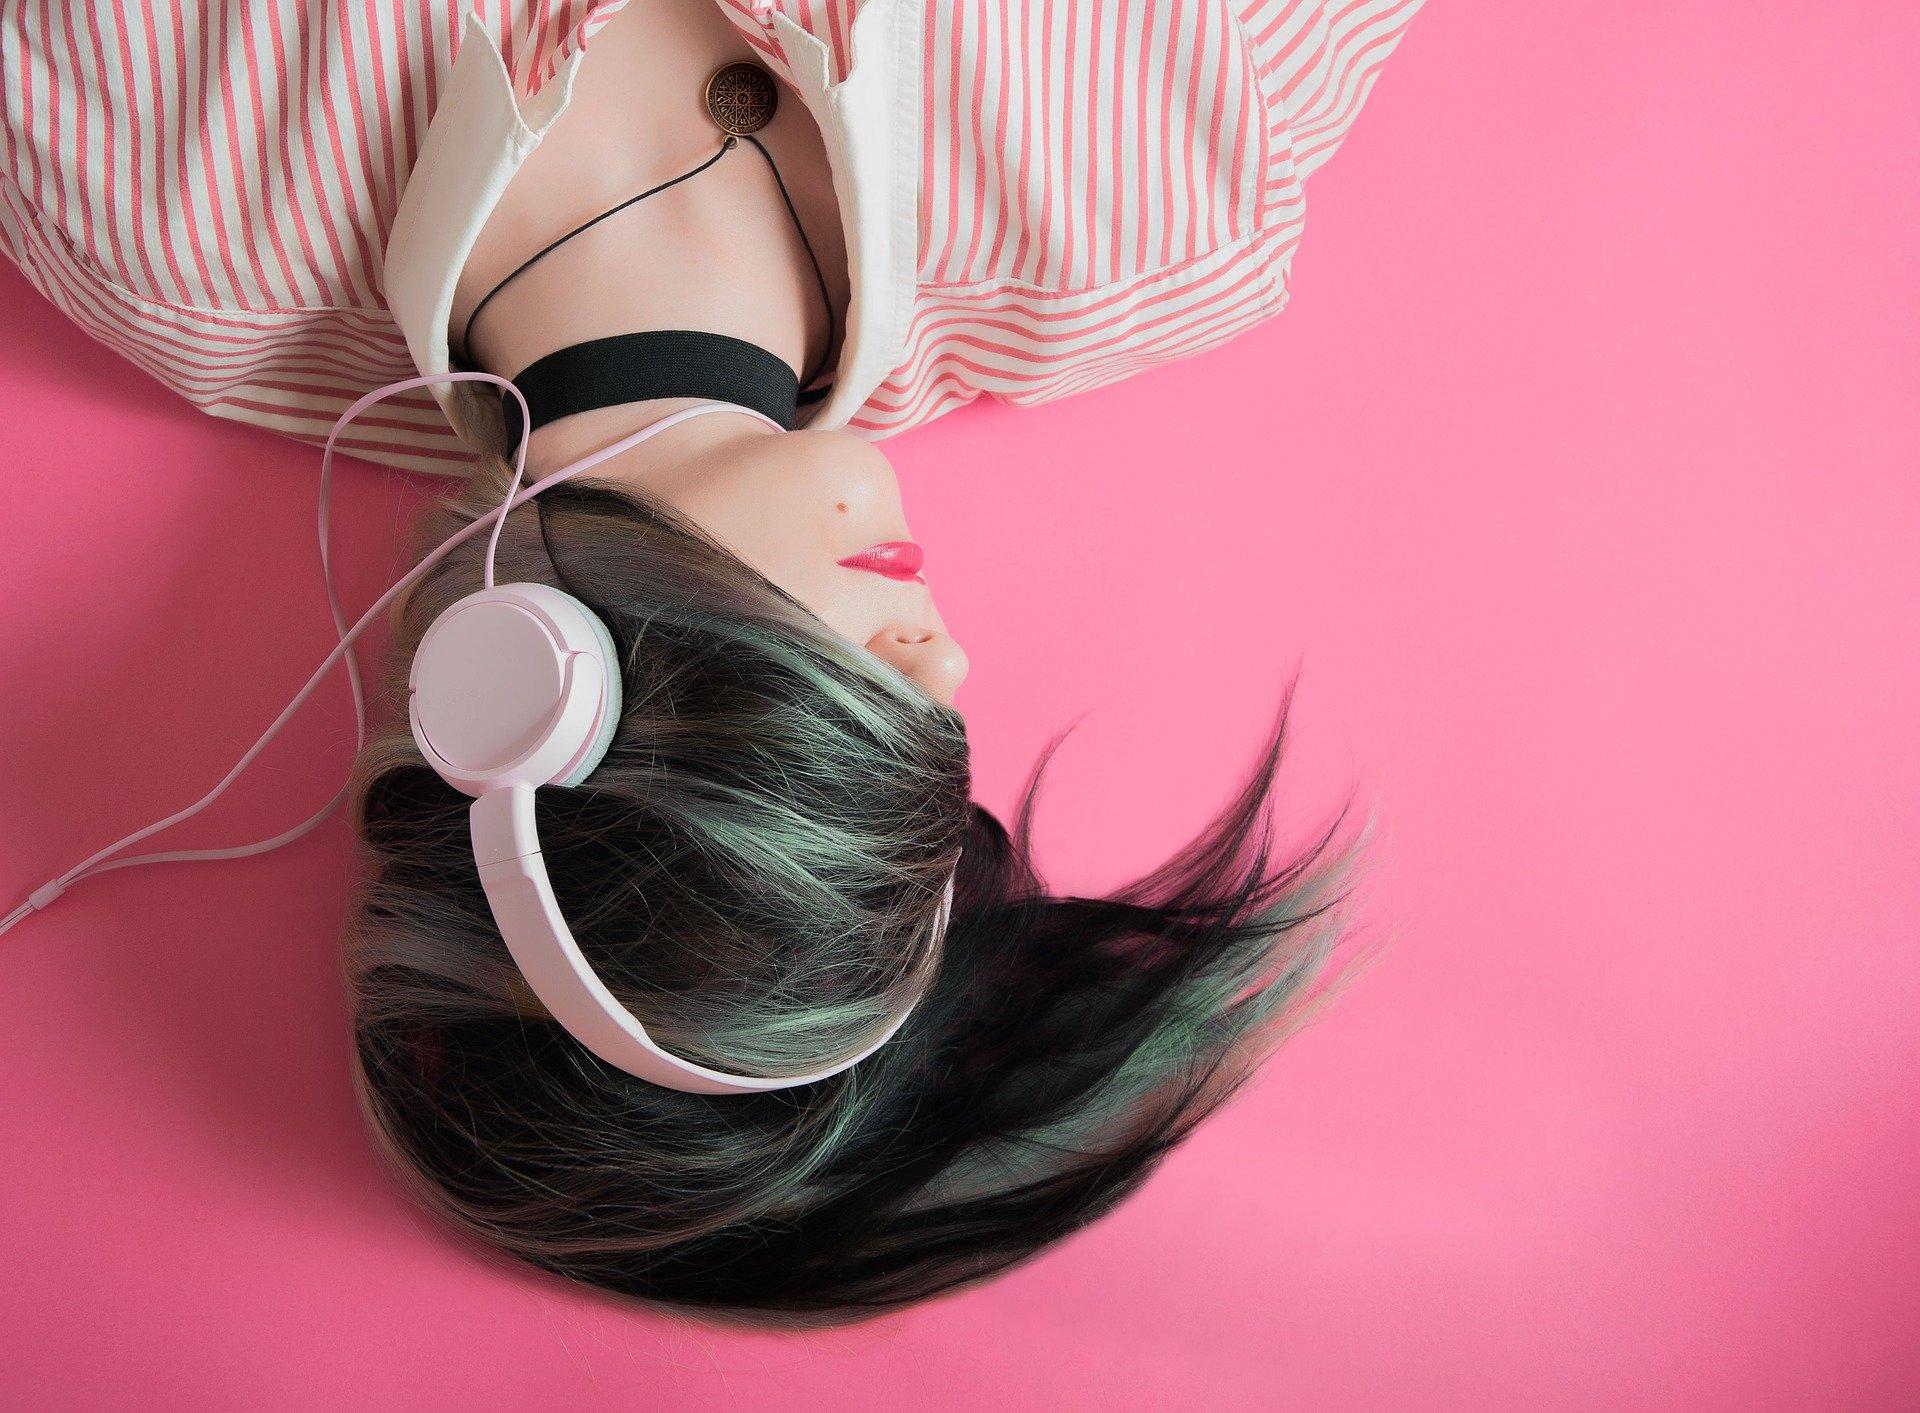 Descubre las 10 canciones más escuchadas de 2020